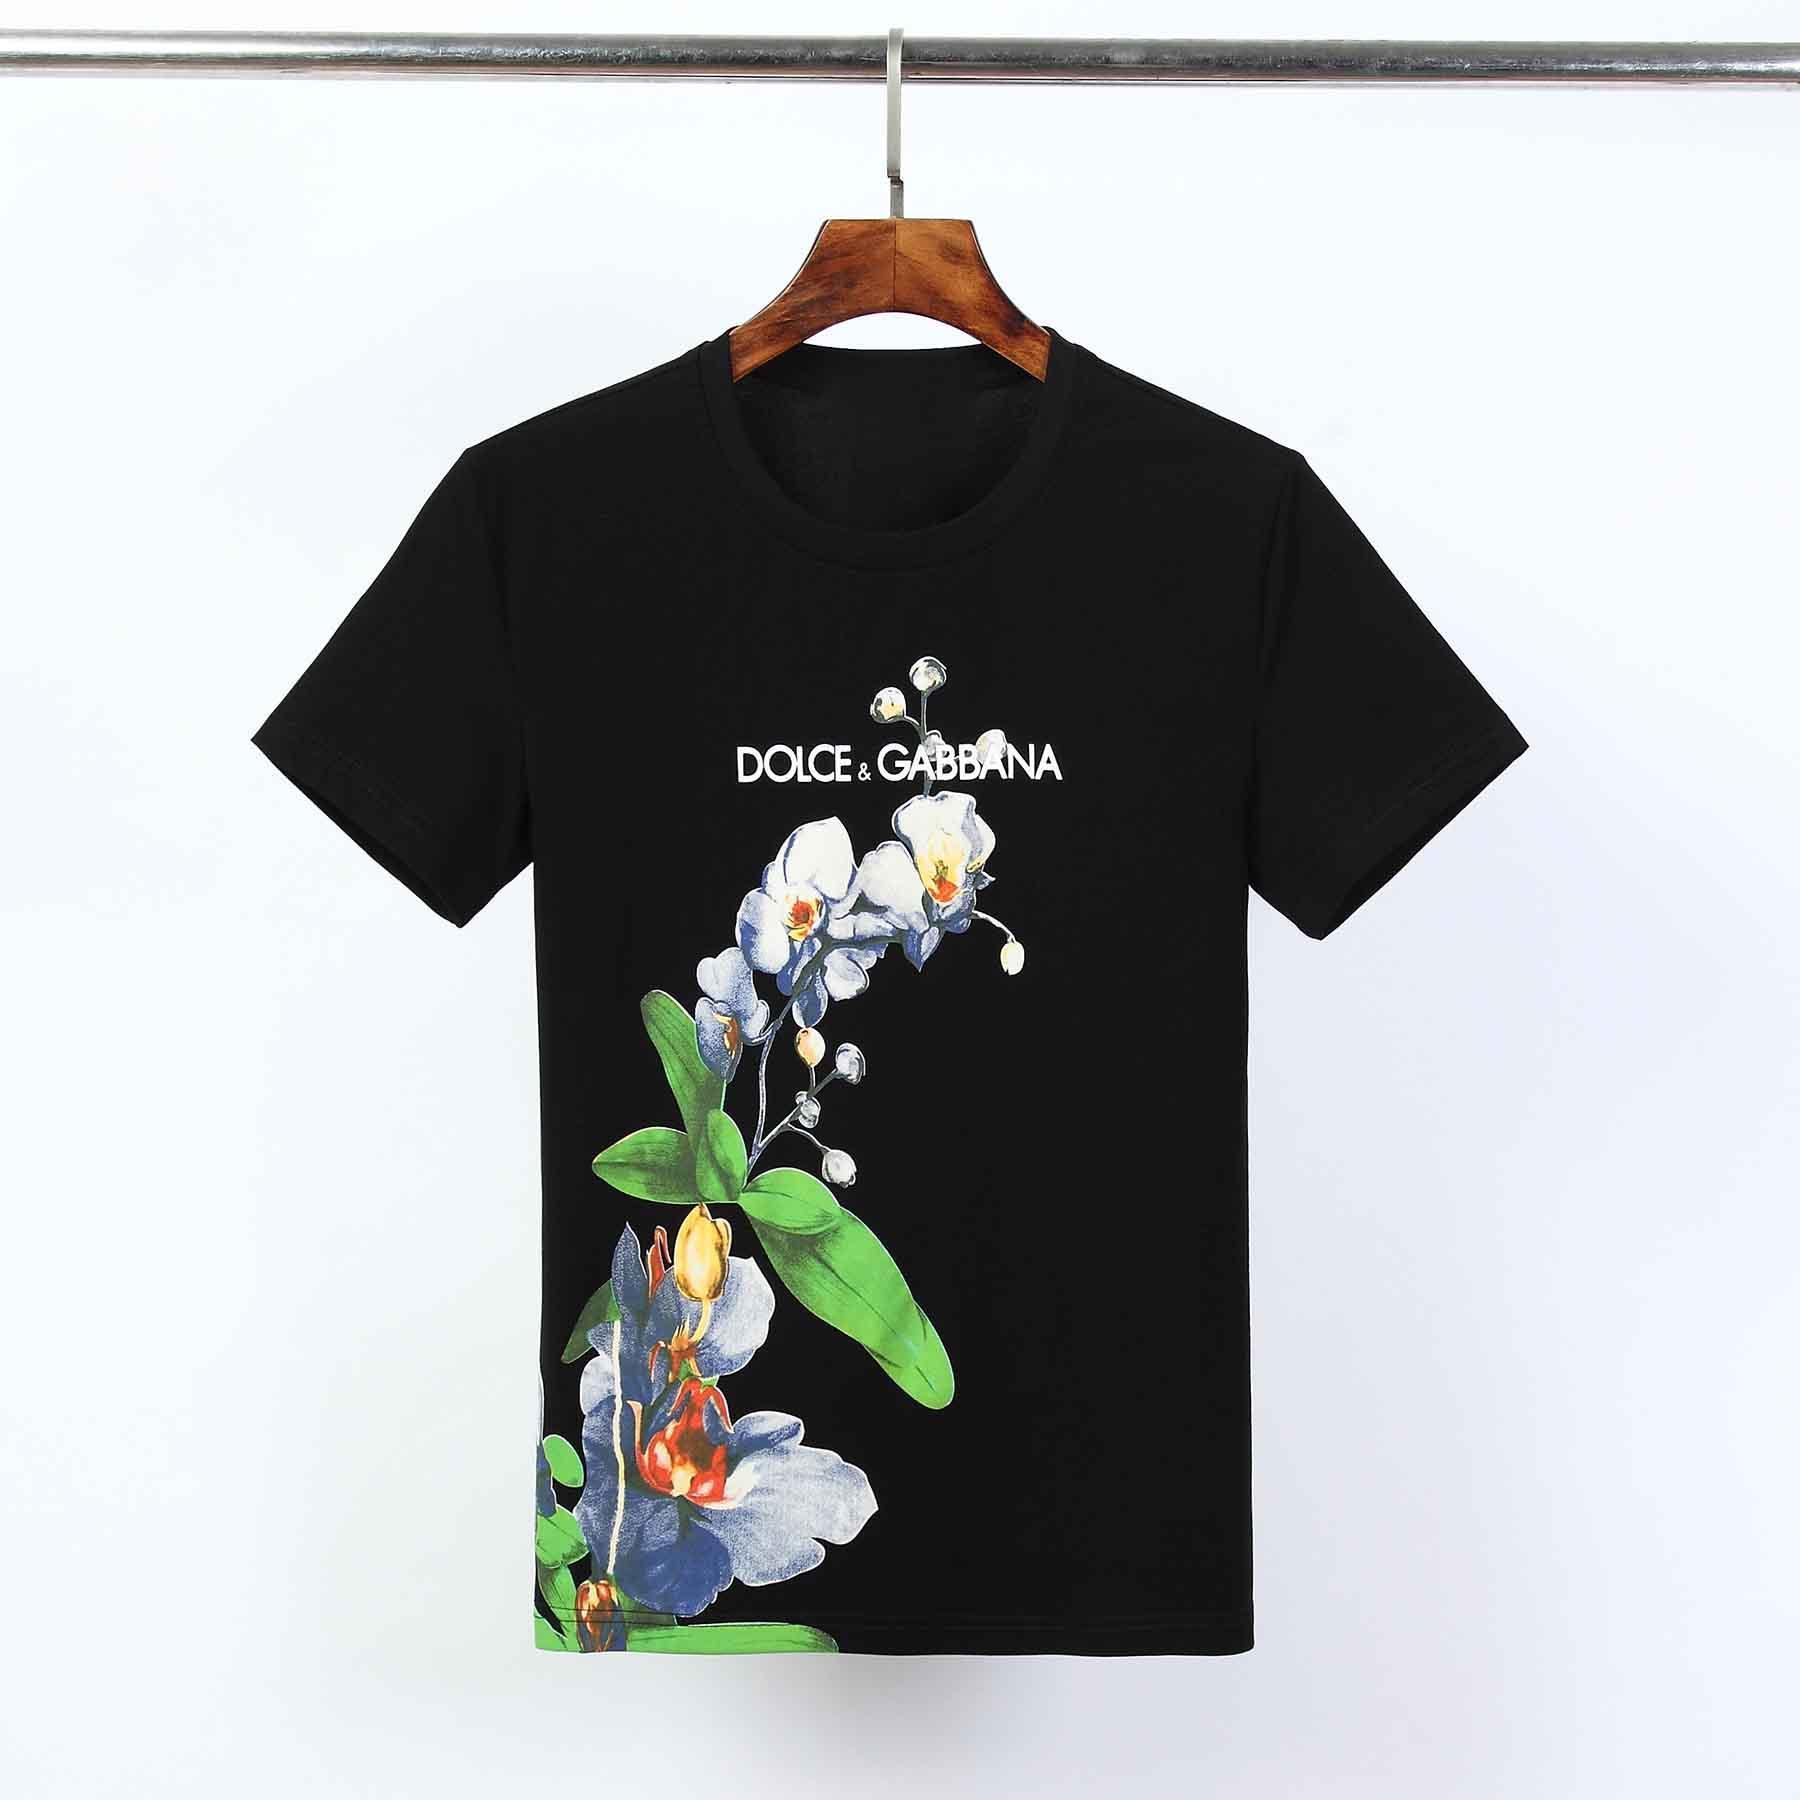 2019 Yaz Yeni Geliş Üst Kalite Tasarım Giyim Erkek Moda Tişörtler Medusa Tees Boyut M-3XL yazdır